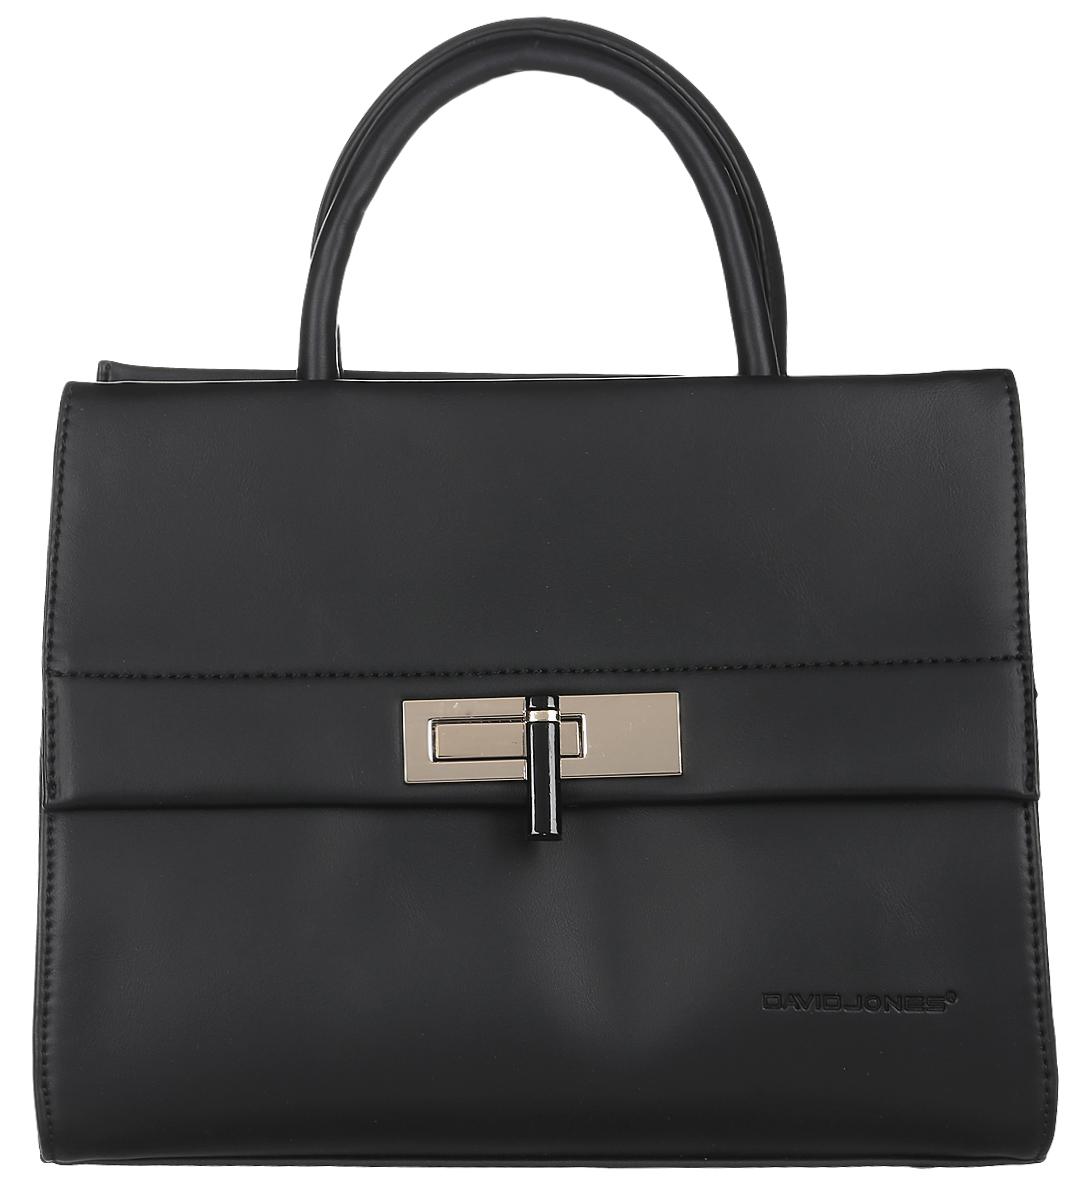 Сумка женская David Jones, цвет: черный. 5280-28-2Стильная женская сумка David Jones выполнена из искусственной кожи и текстиля. Изделие имеет одно основное отделение, которое закрывается на застежку-молнию. Внутри находятся прорезной карман на застежке-молнии и два накладных открытых кармана. Снаружи, на передней стенке расположен накладной карман, закрывающийся на клапан с поворотным замком, на задней стенке - прорезной карман на застежке-молнии. Изделие оснащено двумя удобными ручками. В комплект входит съемный регулируемый наплечный ремень.Основание изделия защищено от повреждений металлическими ножками.Роскошная сумка внесет элегантные нотки в ваш образ и подчеркнет ваше отменное чувство стиля.